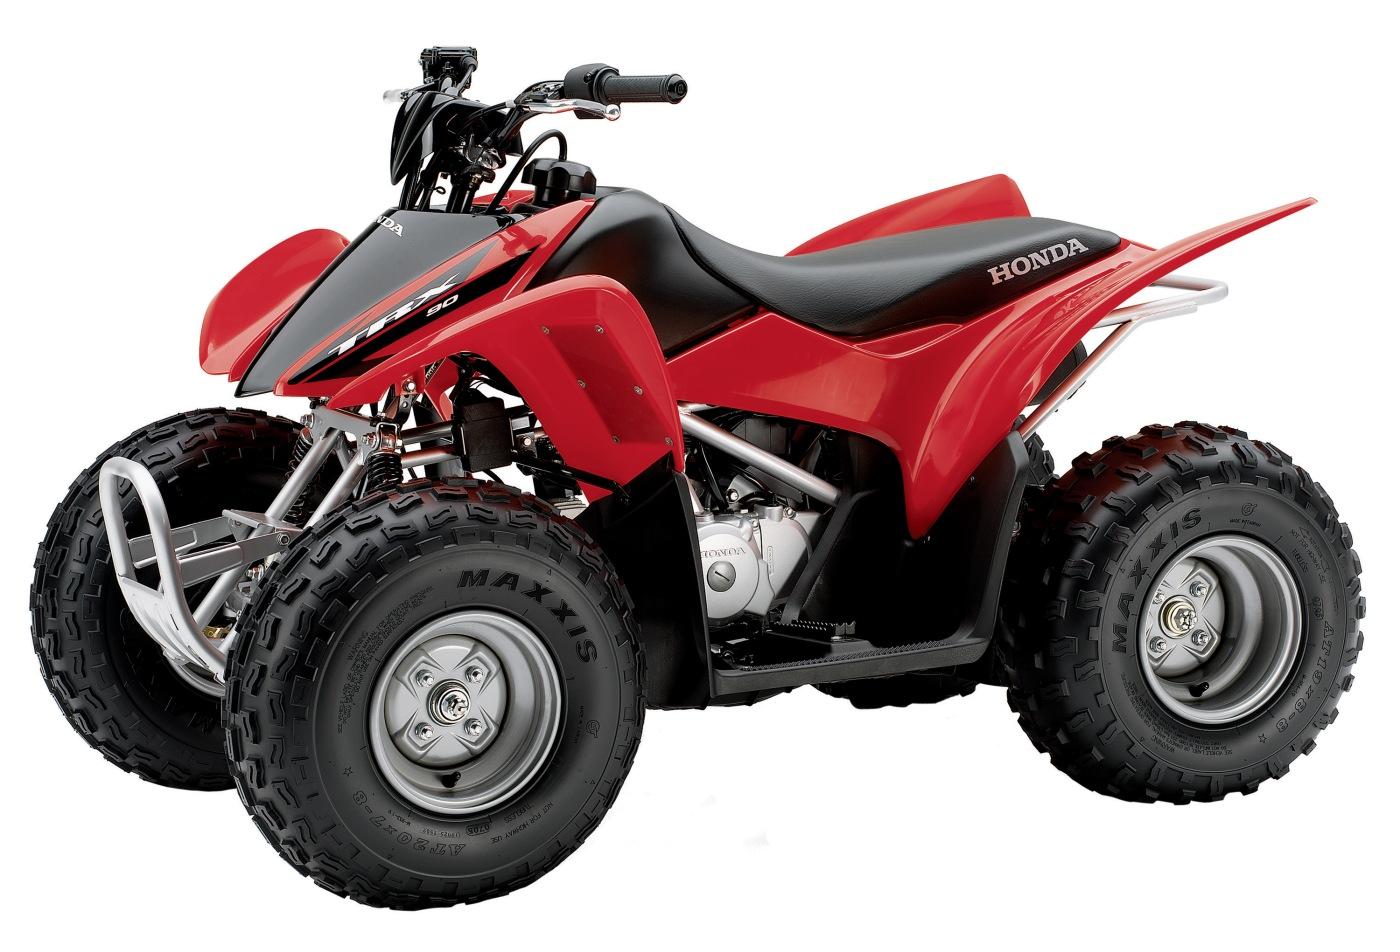 cuatriciclo Honda TRX 70 - Honda TRX 90 - Honda TRX 125 manual taller - mantenimiento - despiece en pdf